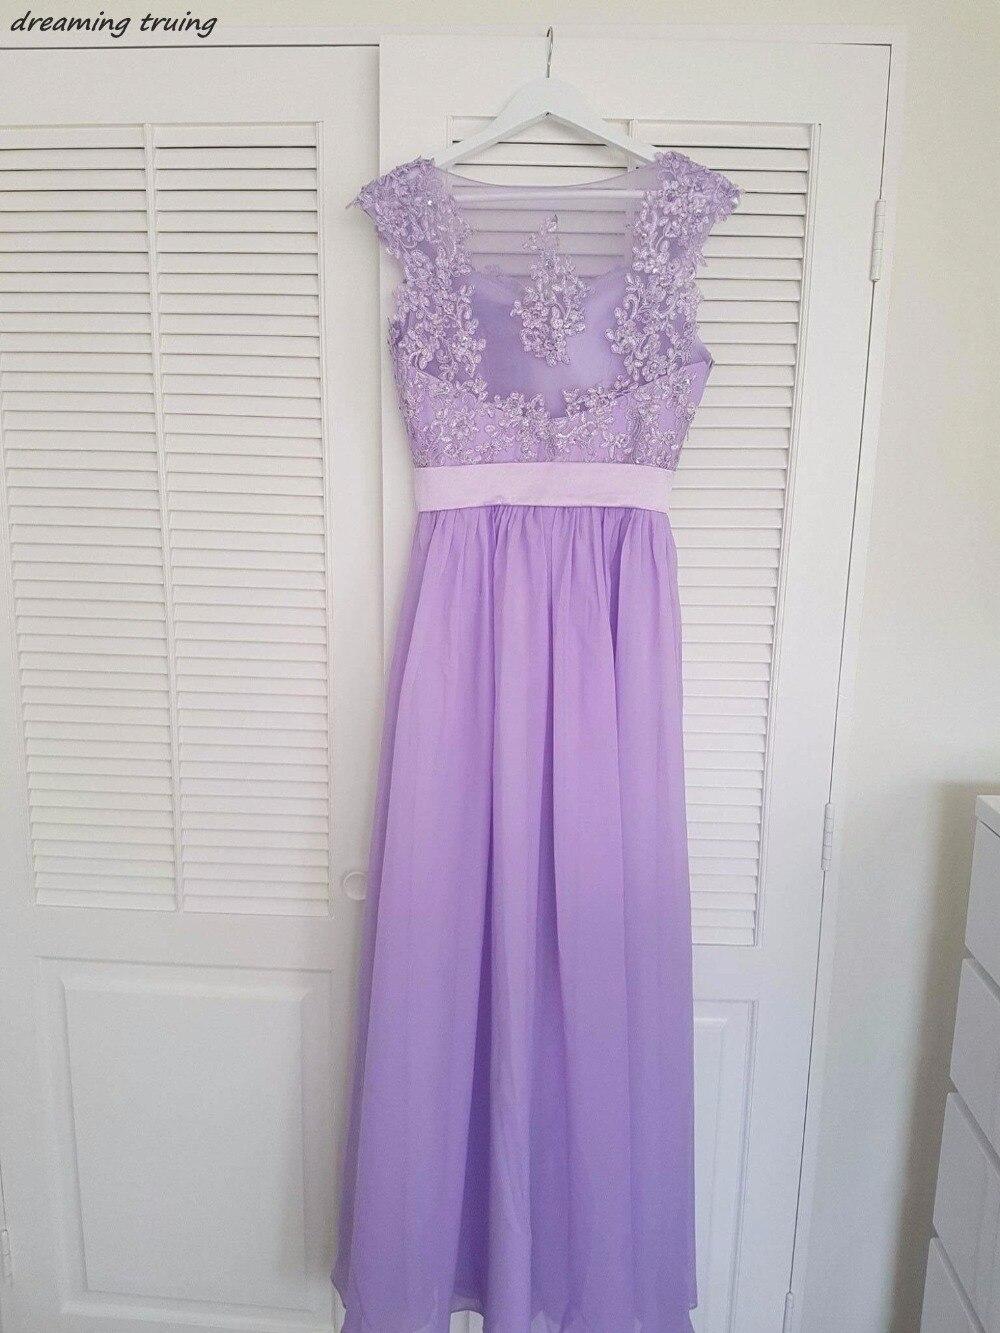 Robes de demoiselle d'honneur lavande bon marché Vestido de festa voir à travers le dos longues appliques plage violet clair robes de mariée - 2